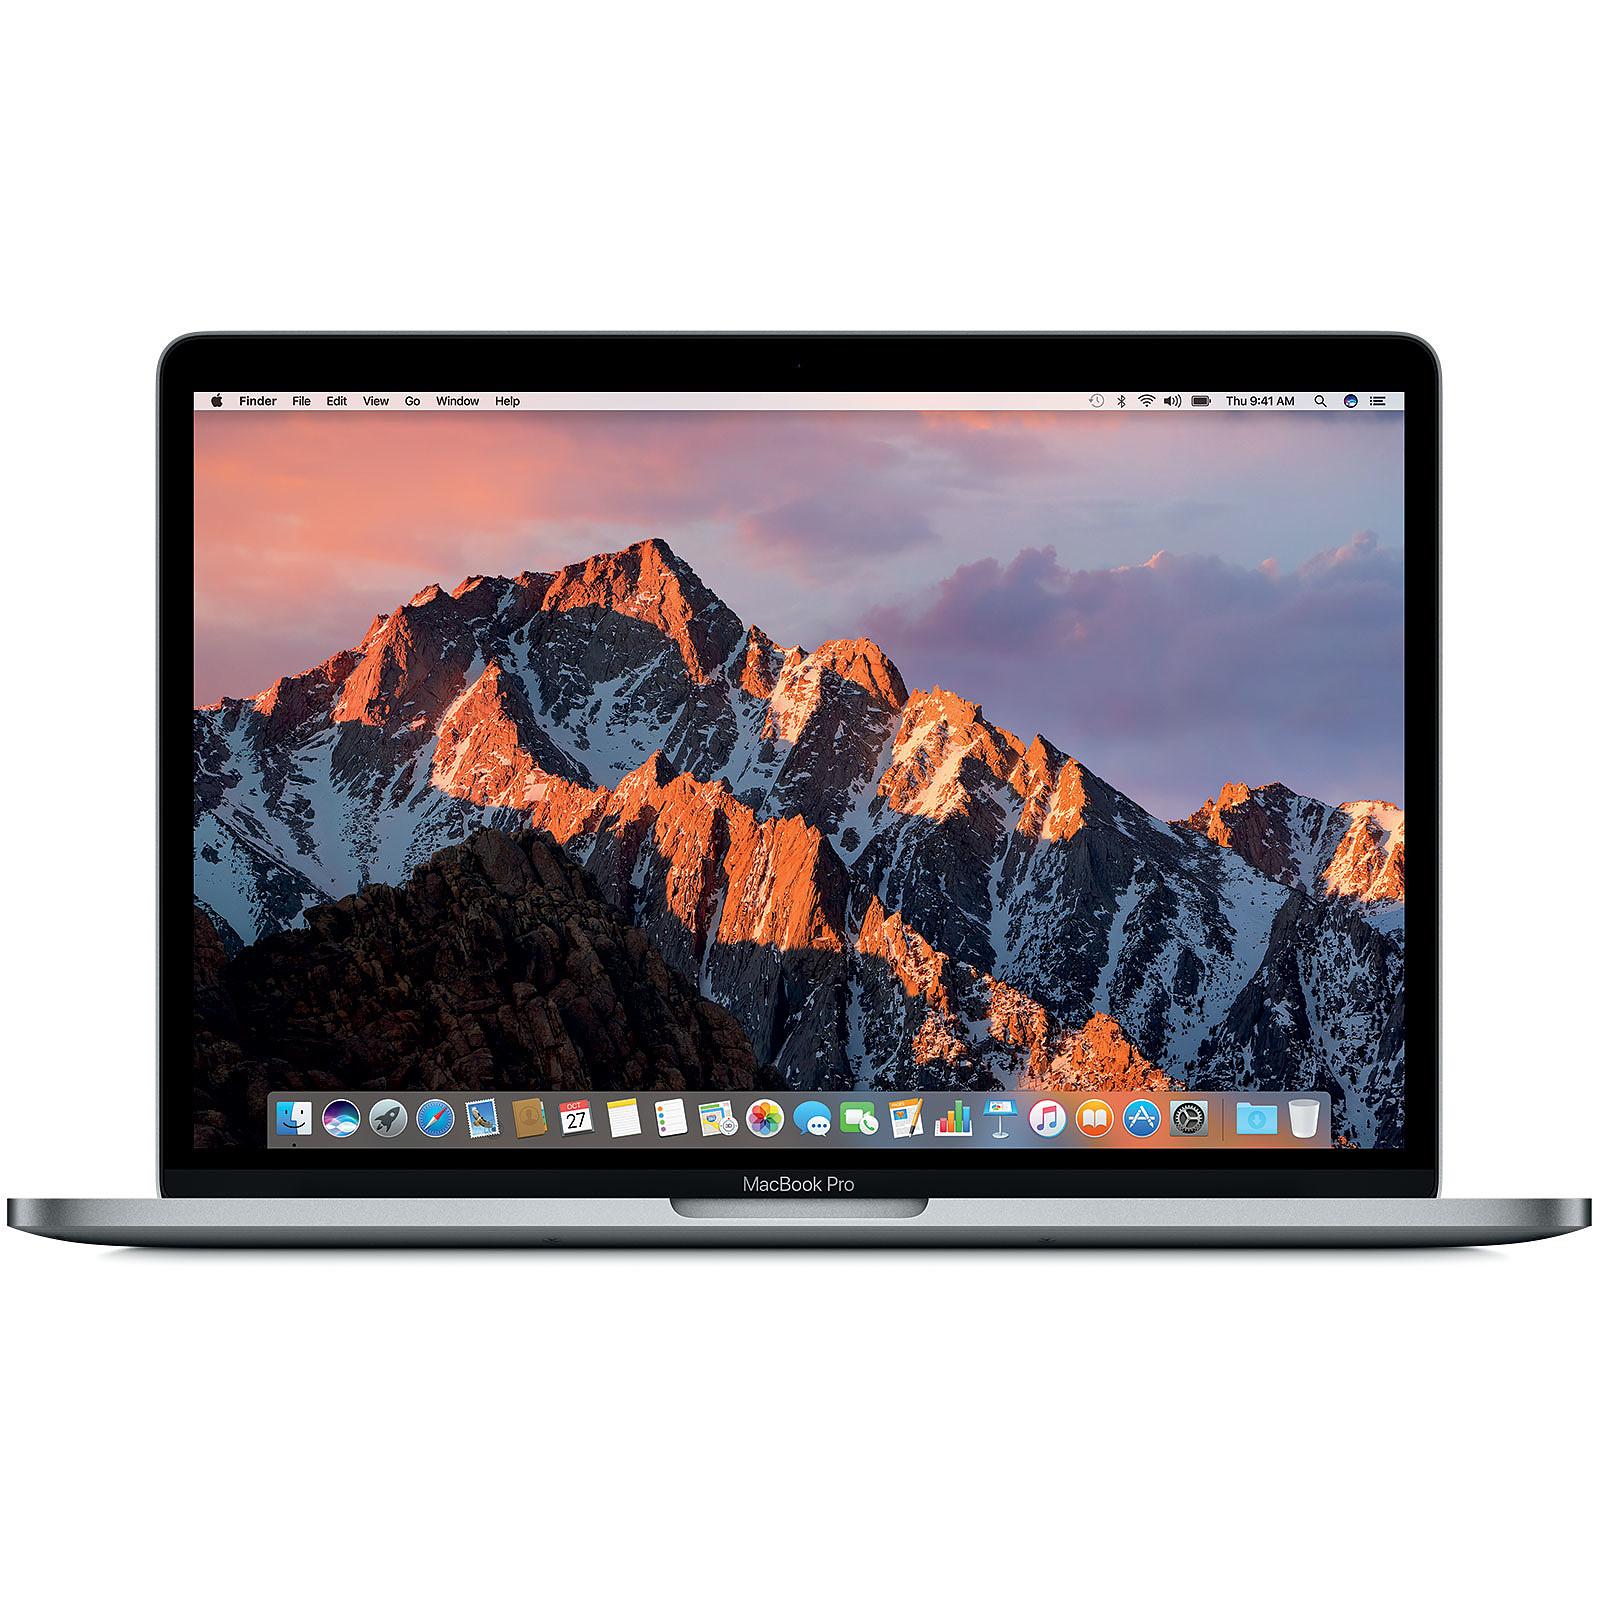 """Résultat de recherche d'images pour """"macbook pro"""""""